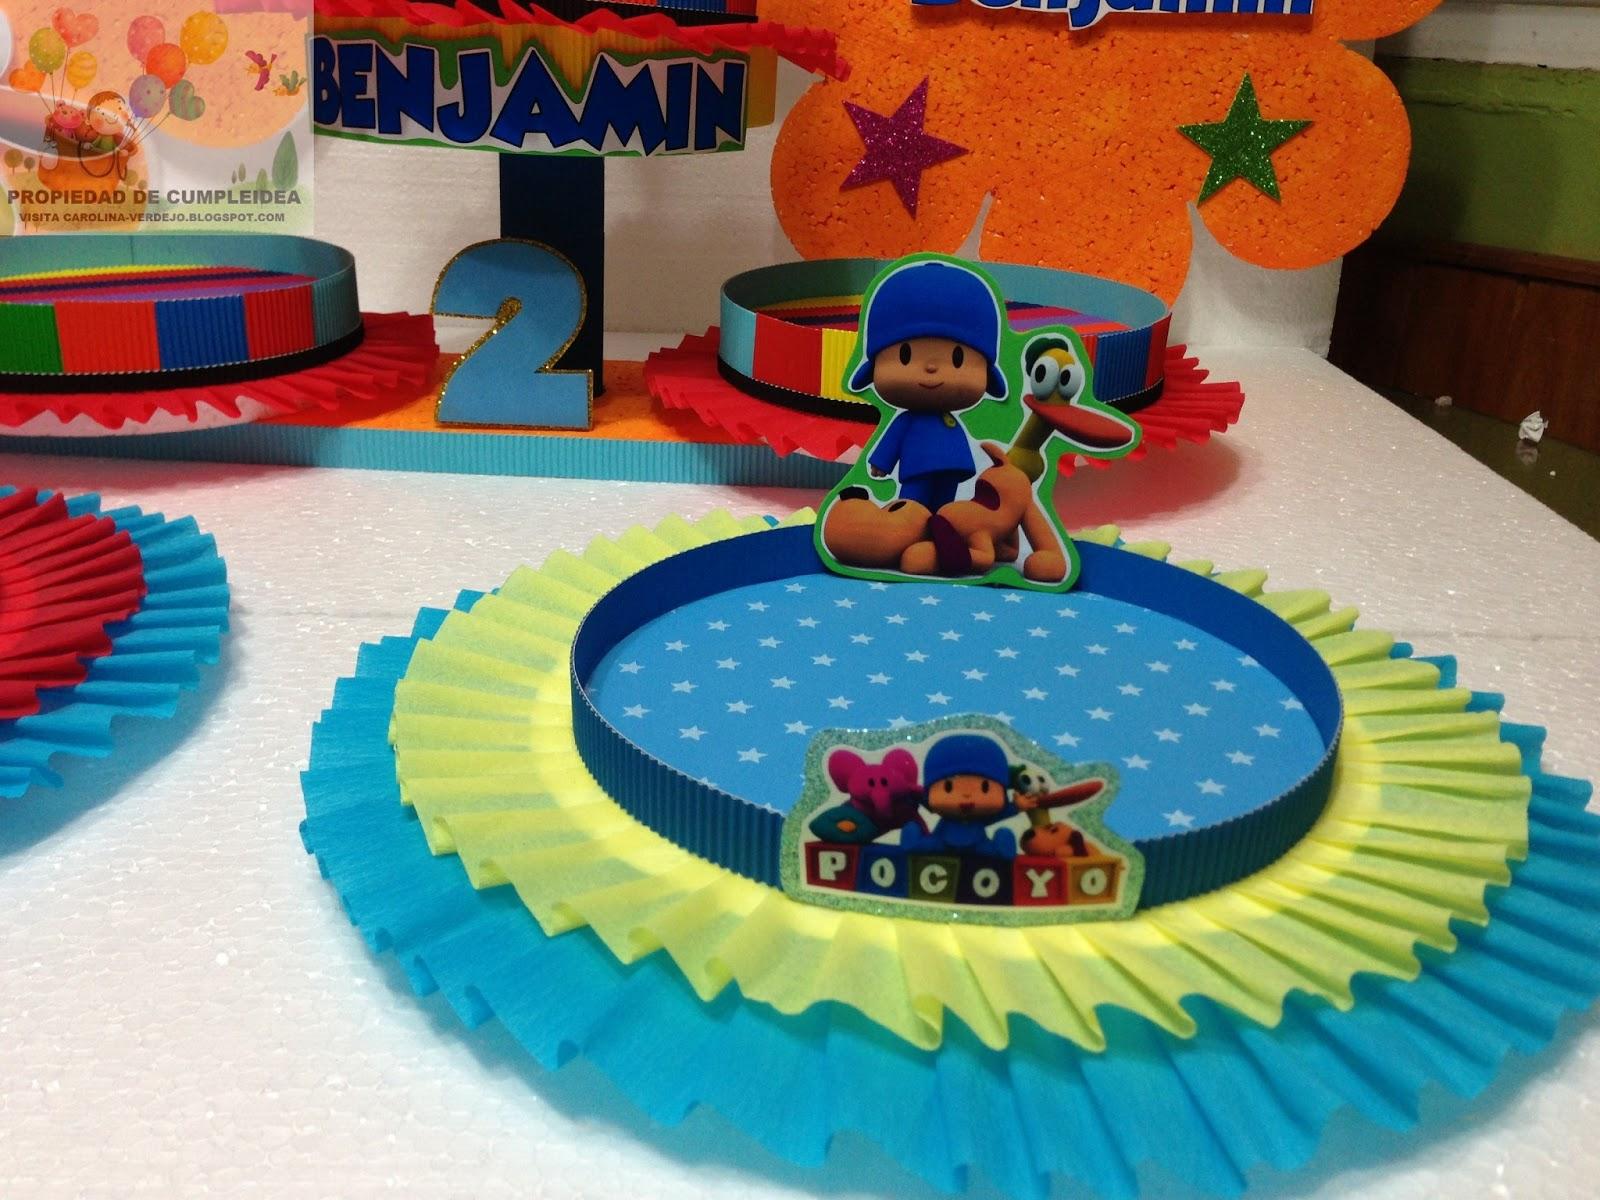 DECORACIONES INFANTILES: pocoyo